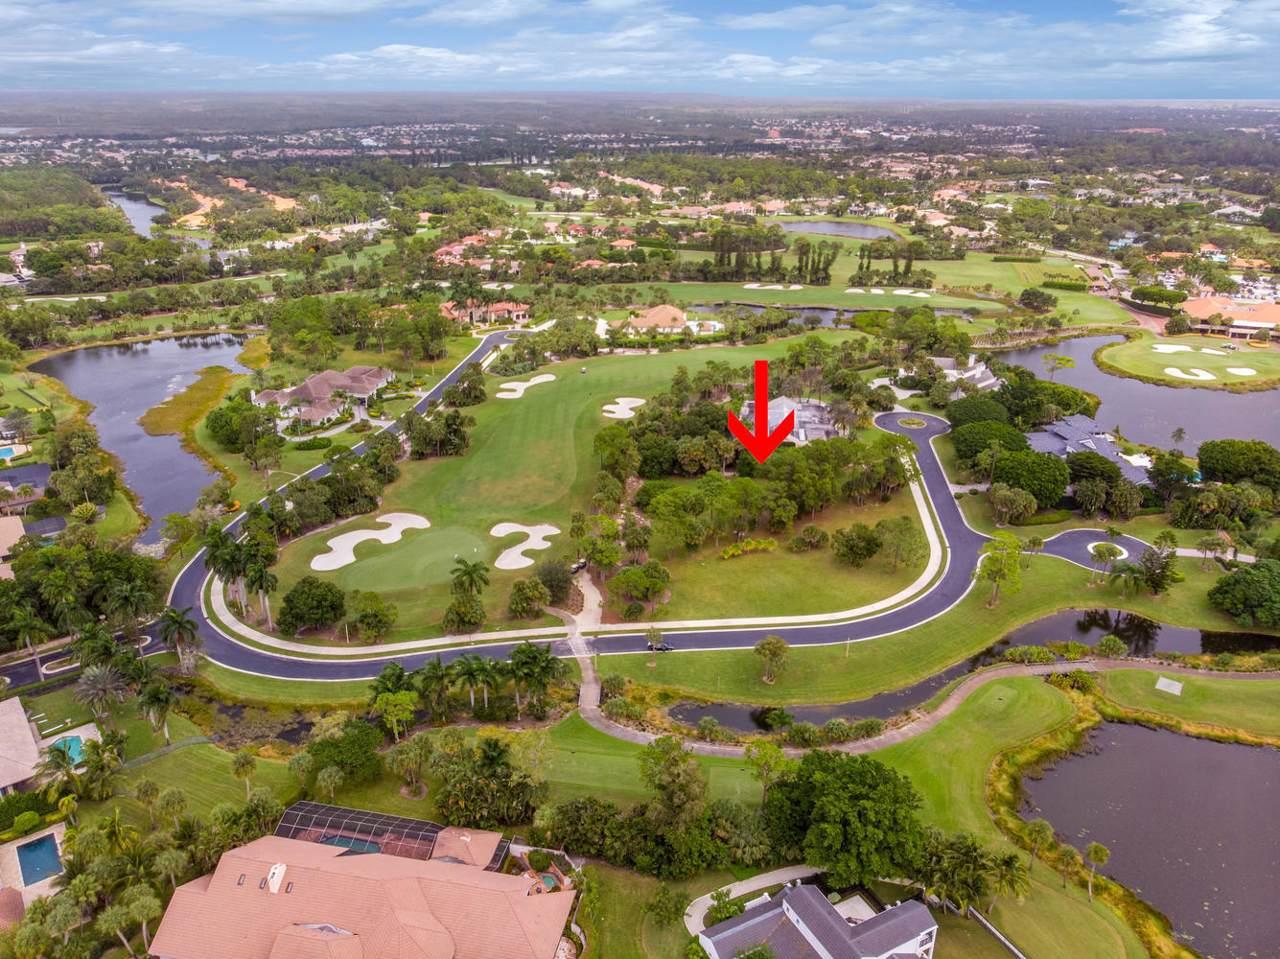 1490 Enclave Circle - Photo 1